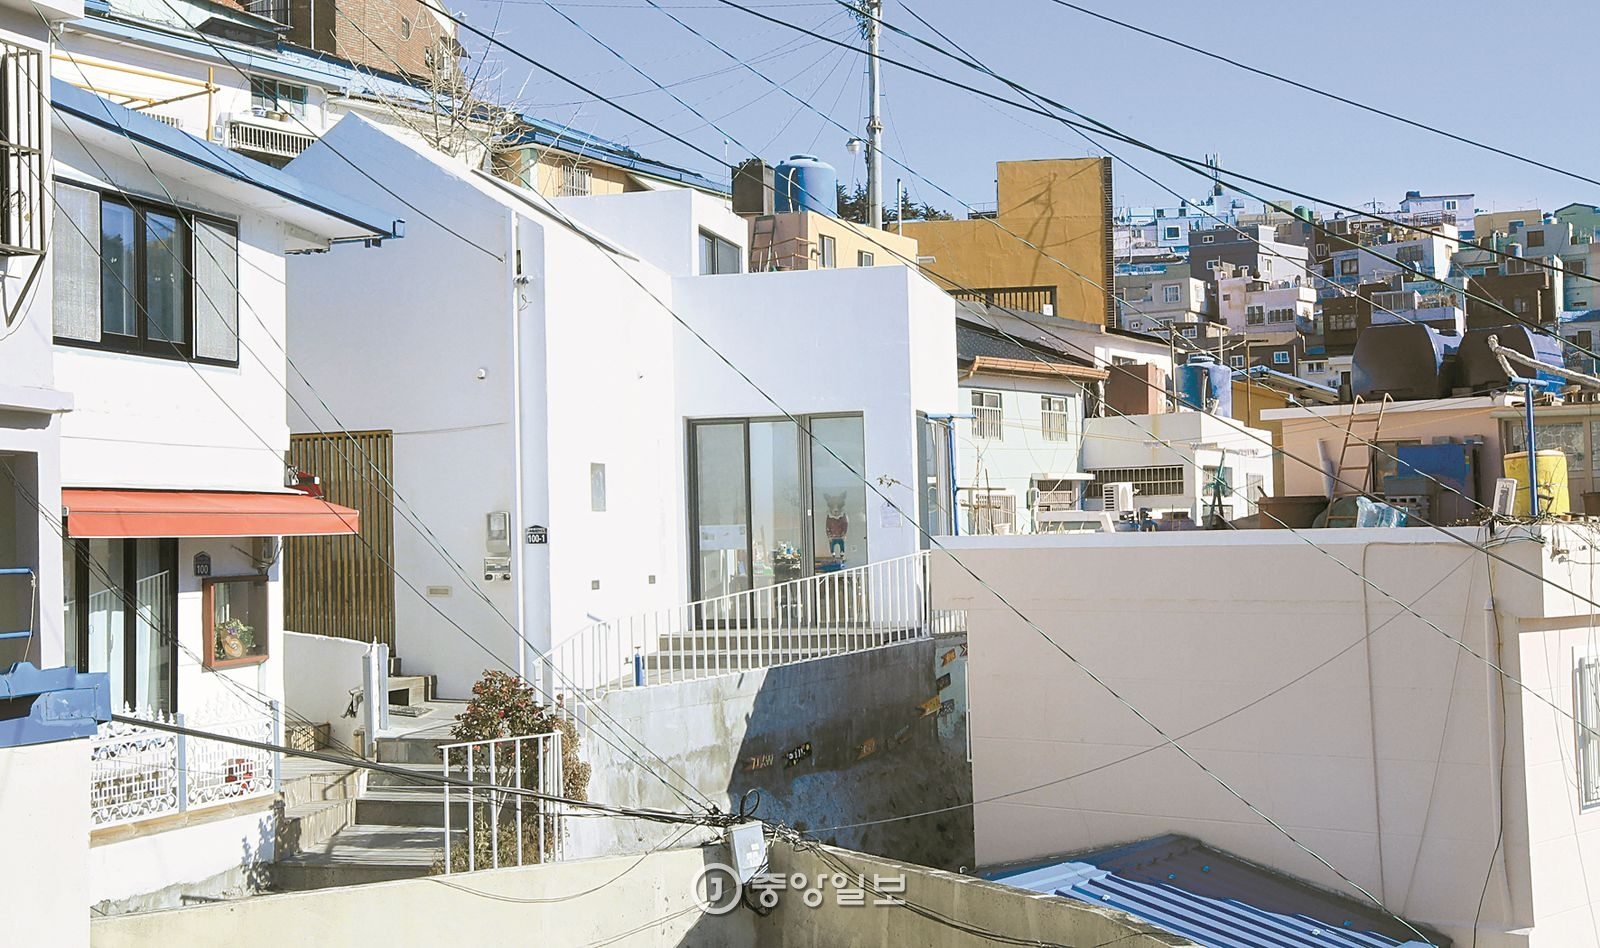 계단이 끝나는 곳에 있는 집이